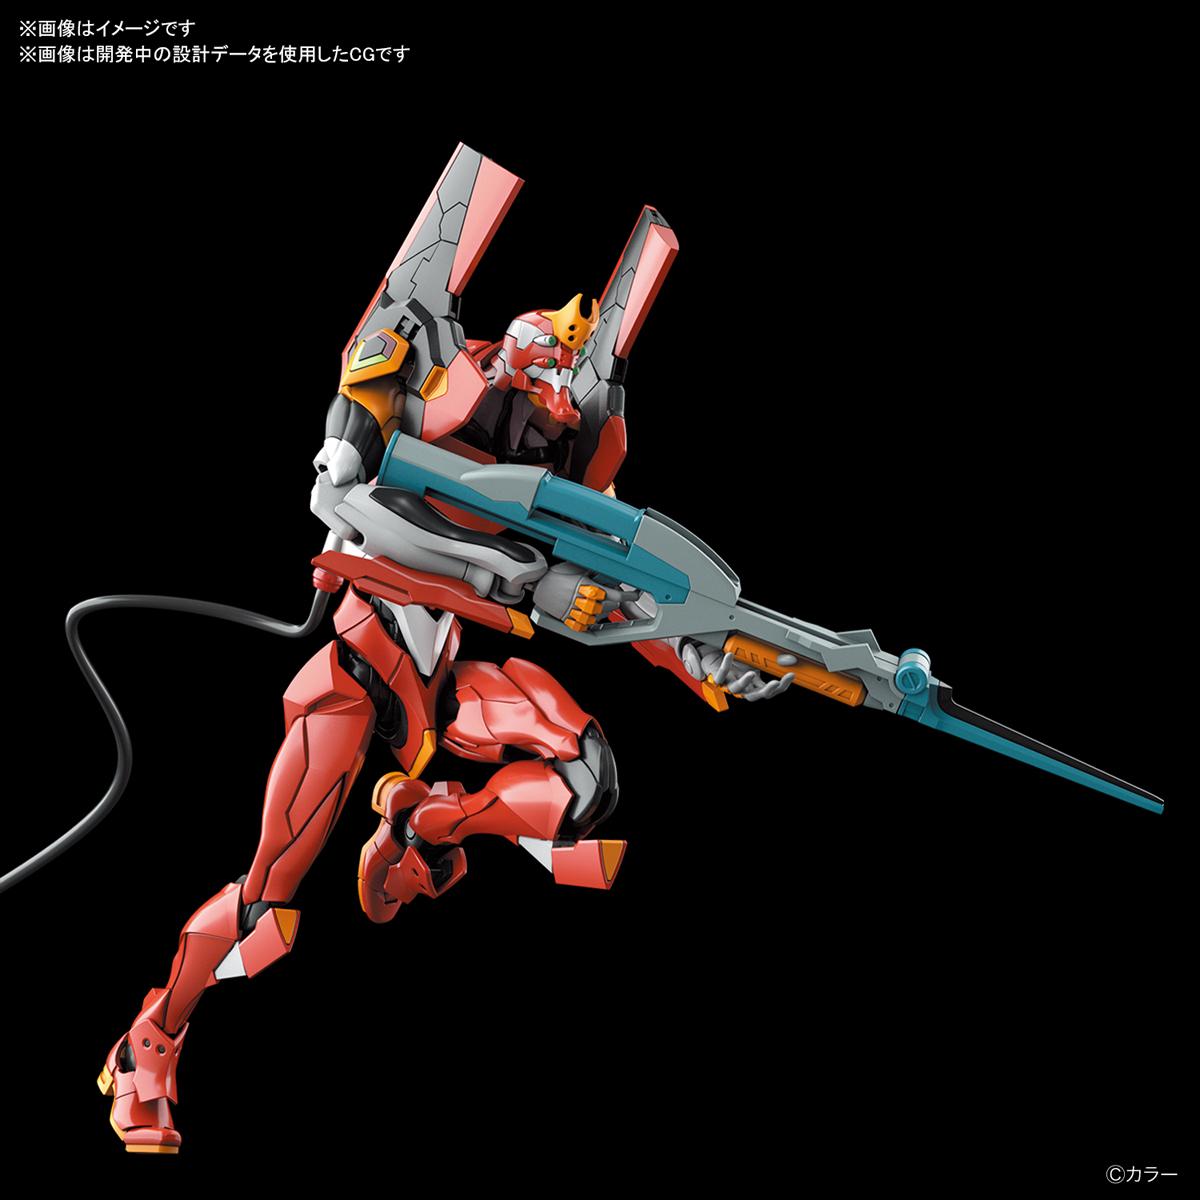 RG『汎用ヒト型決戦兵器 人造人間エヴァンゲリオン 正規実用型 2号機(先行量産機)』プラモデル-003